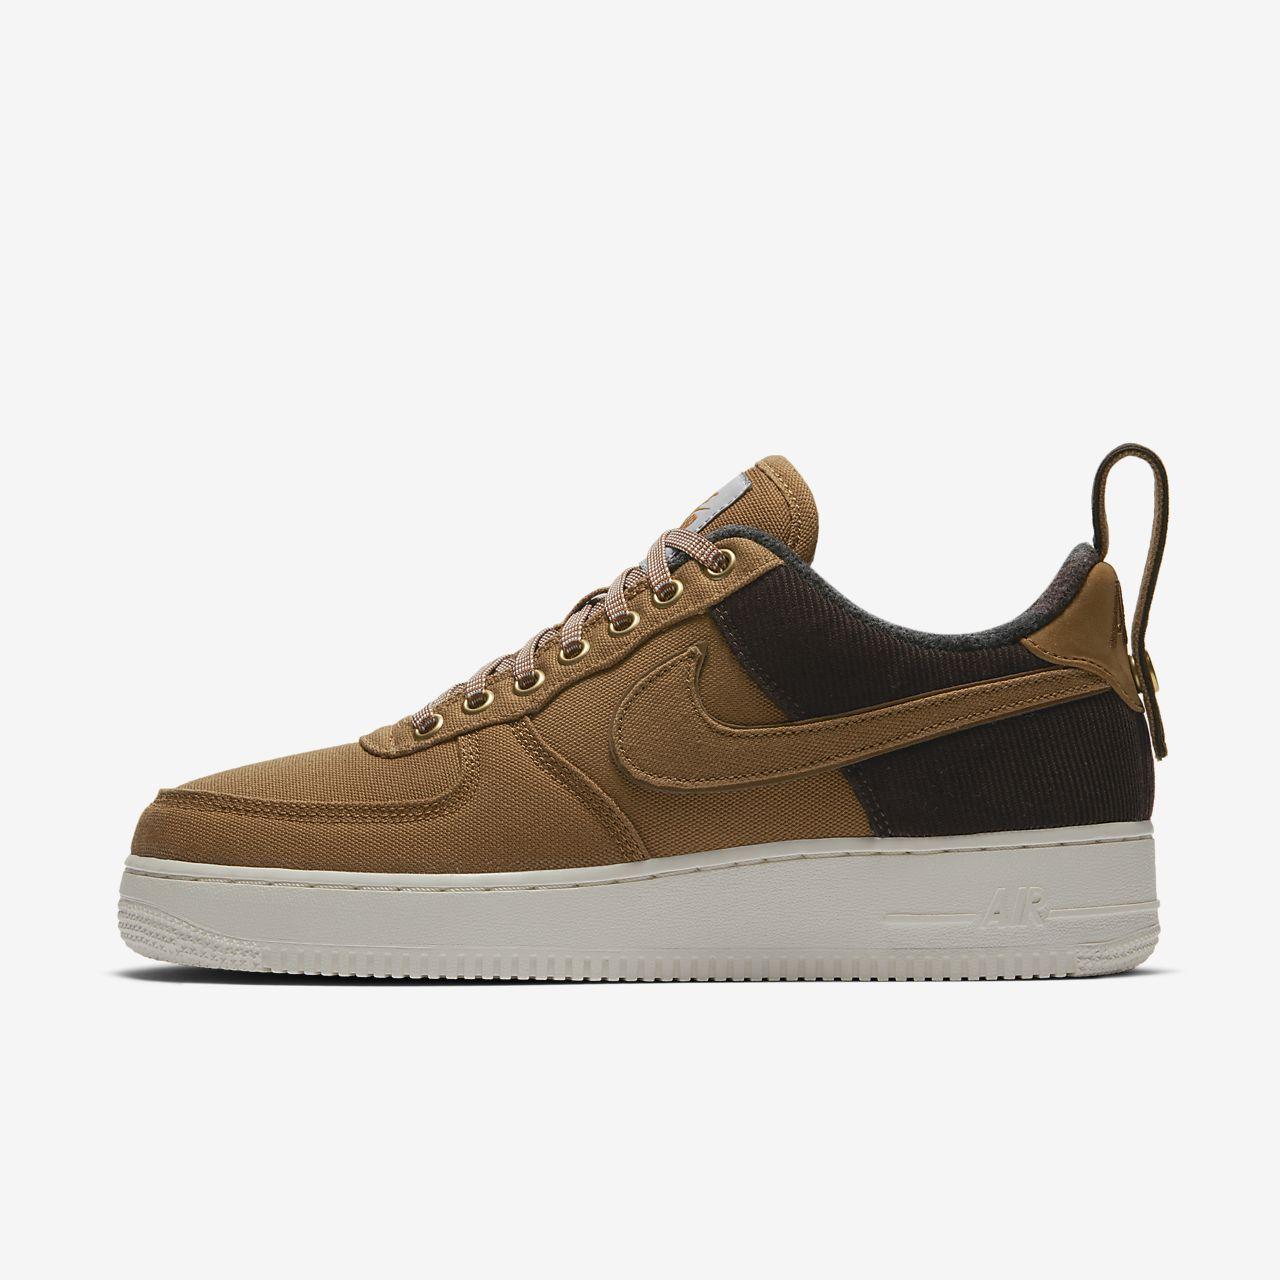 pretty nice 4b40e 3593a ... Nike x Carhartt WIP Air Force 1 Zapatillas - Hombre